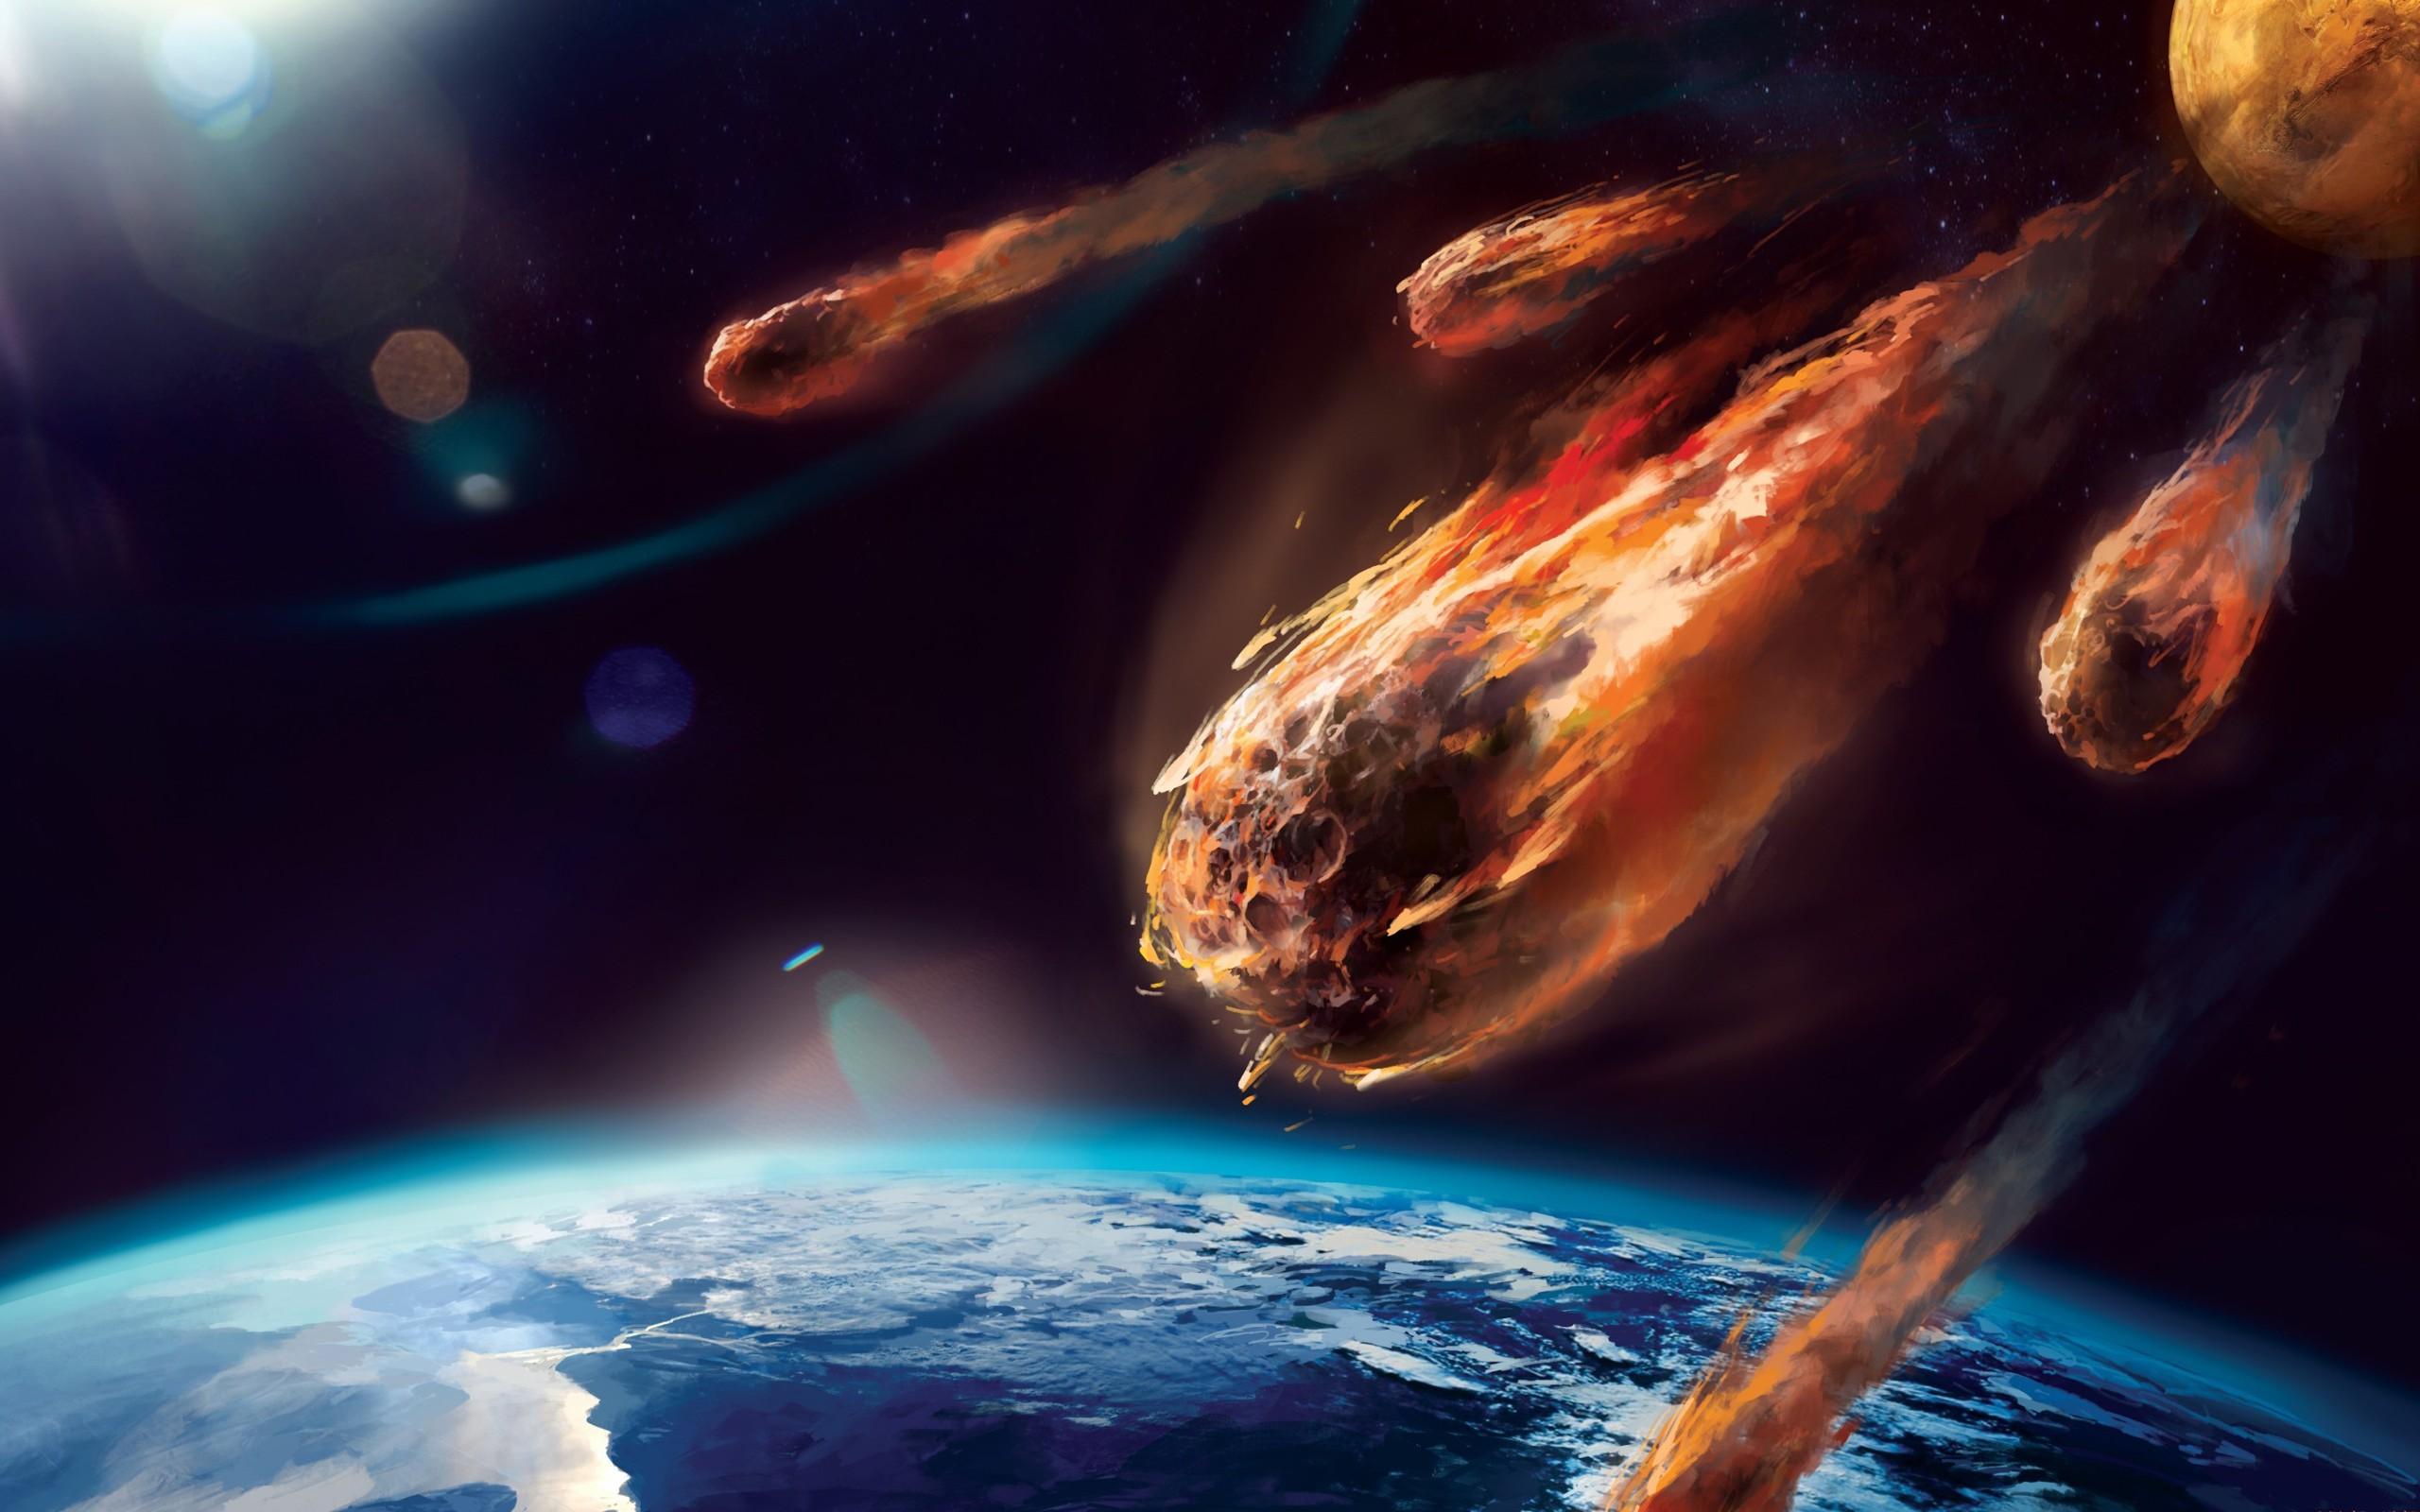 обои для рабочего стола космос метеориты № 610716 без смс